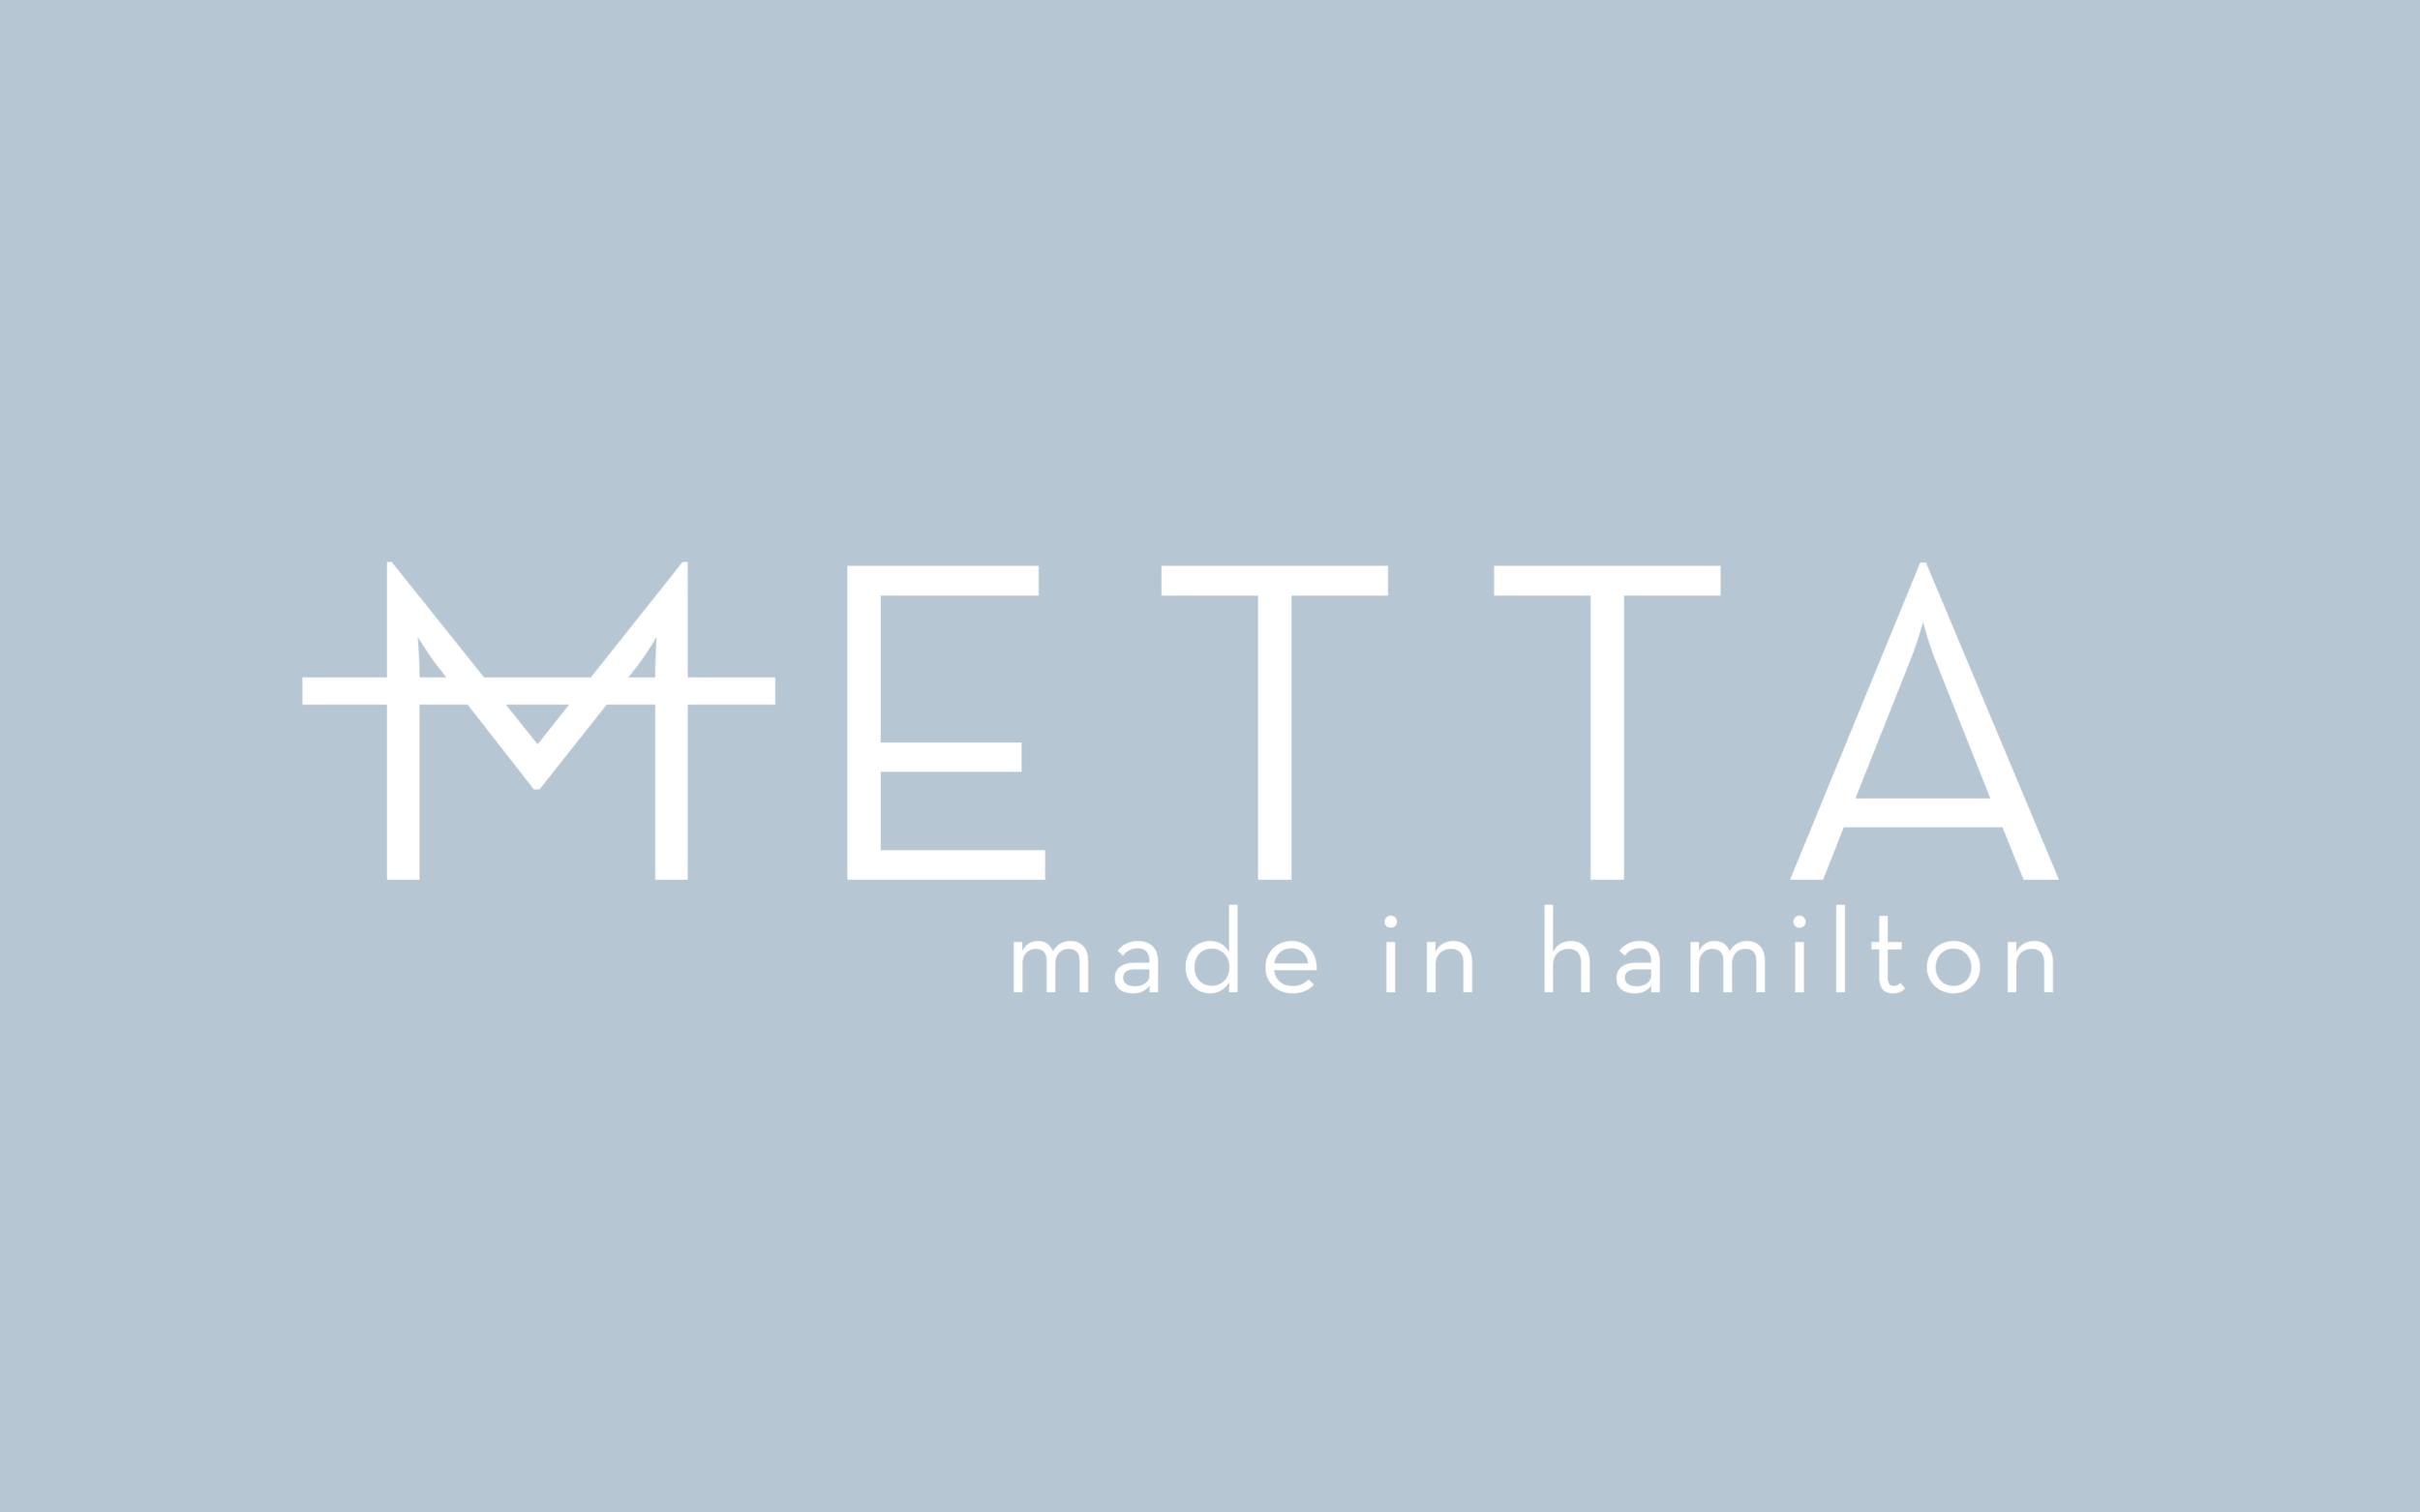 Metta Made in Hamilton